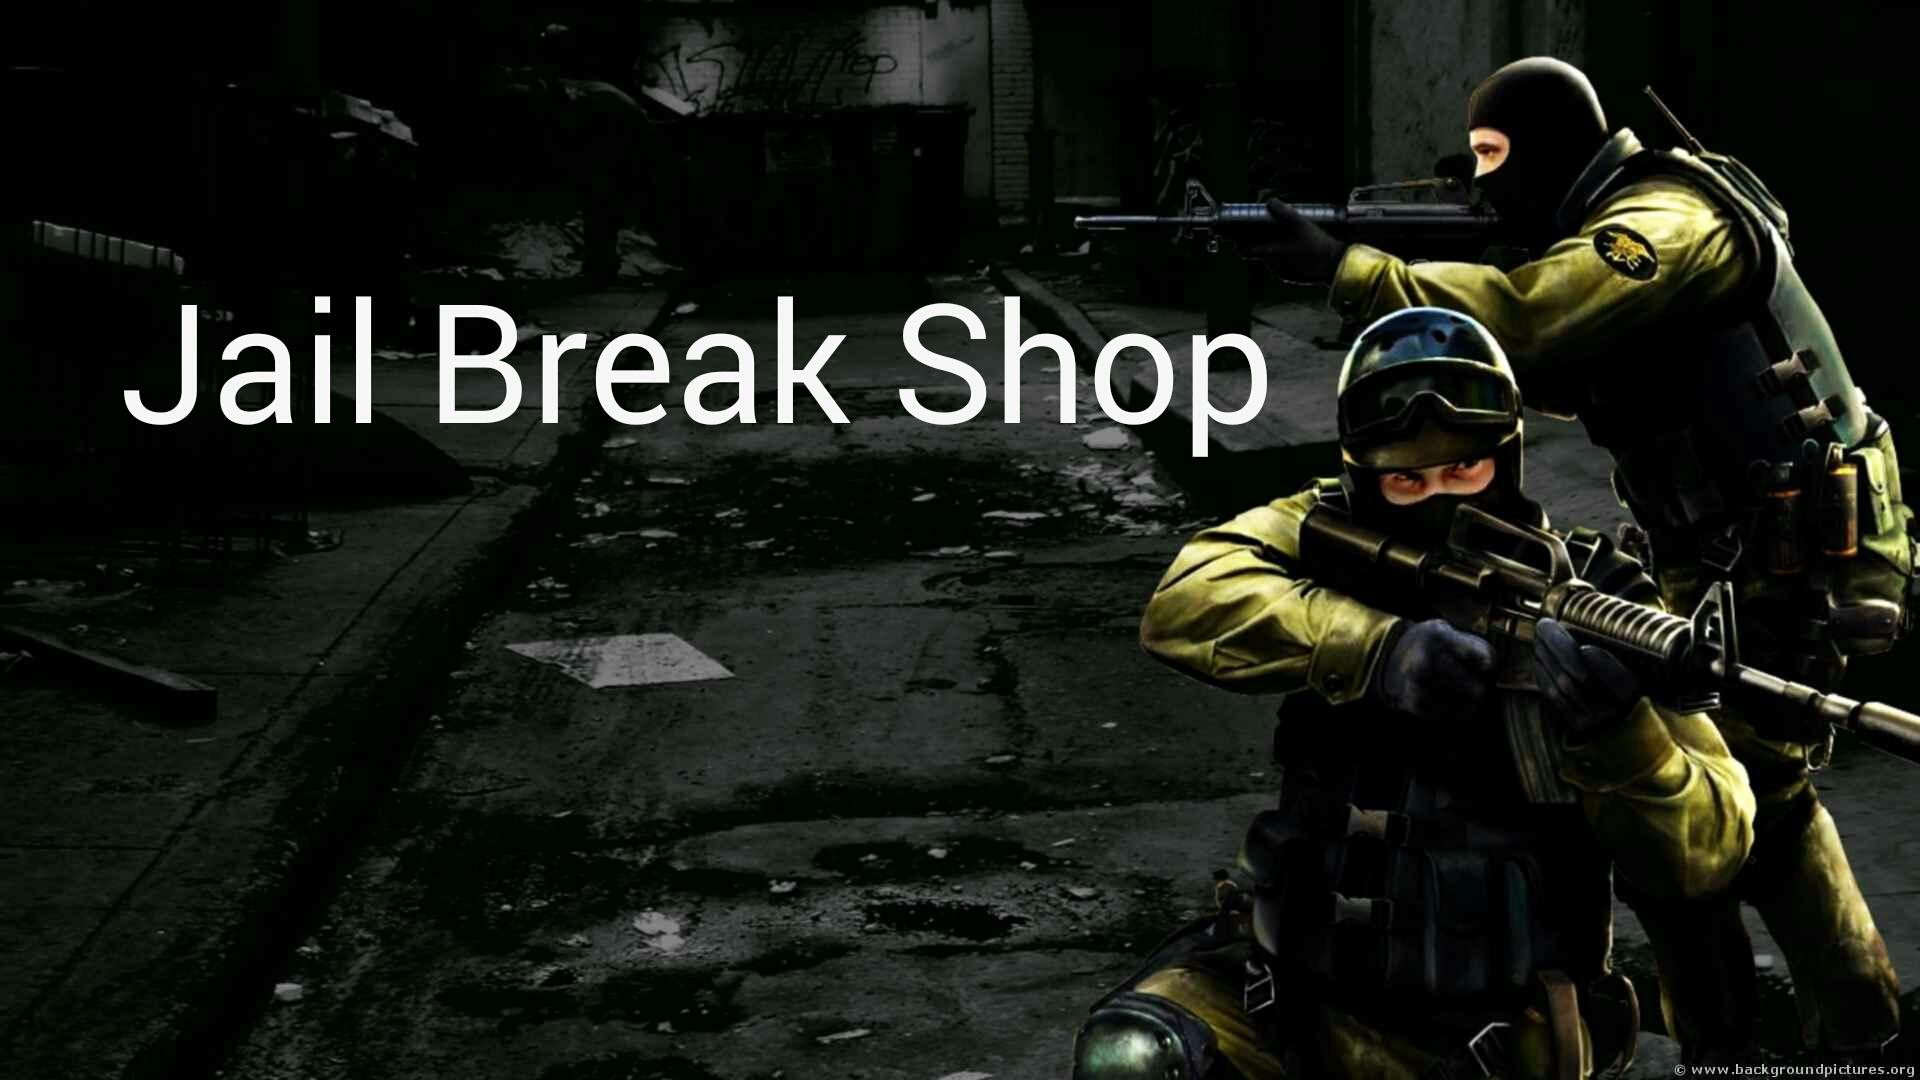 دانلود پلاگین JailBreak Shop برای کانتر 1.6 جایلبریک